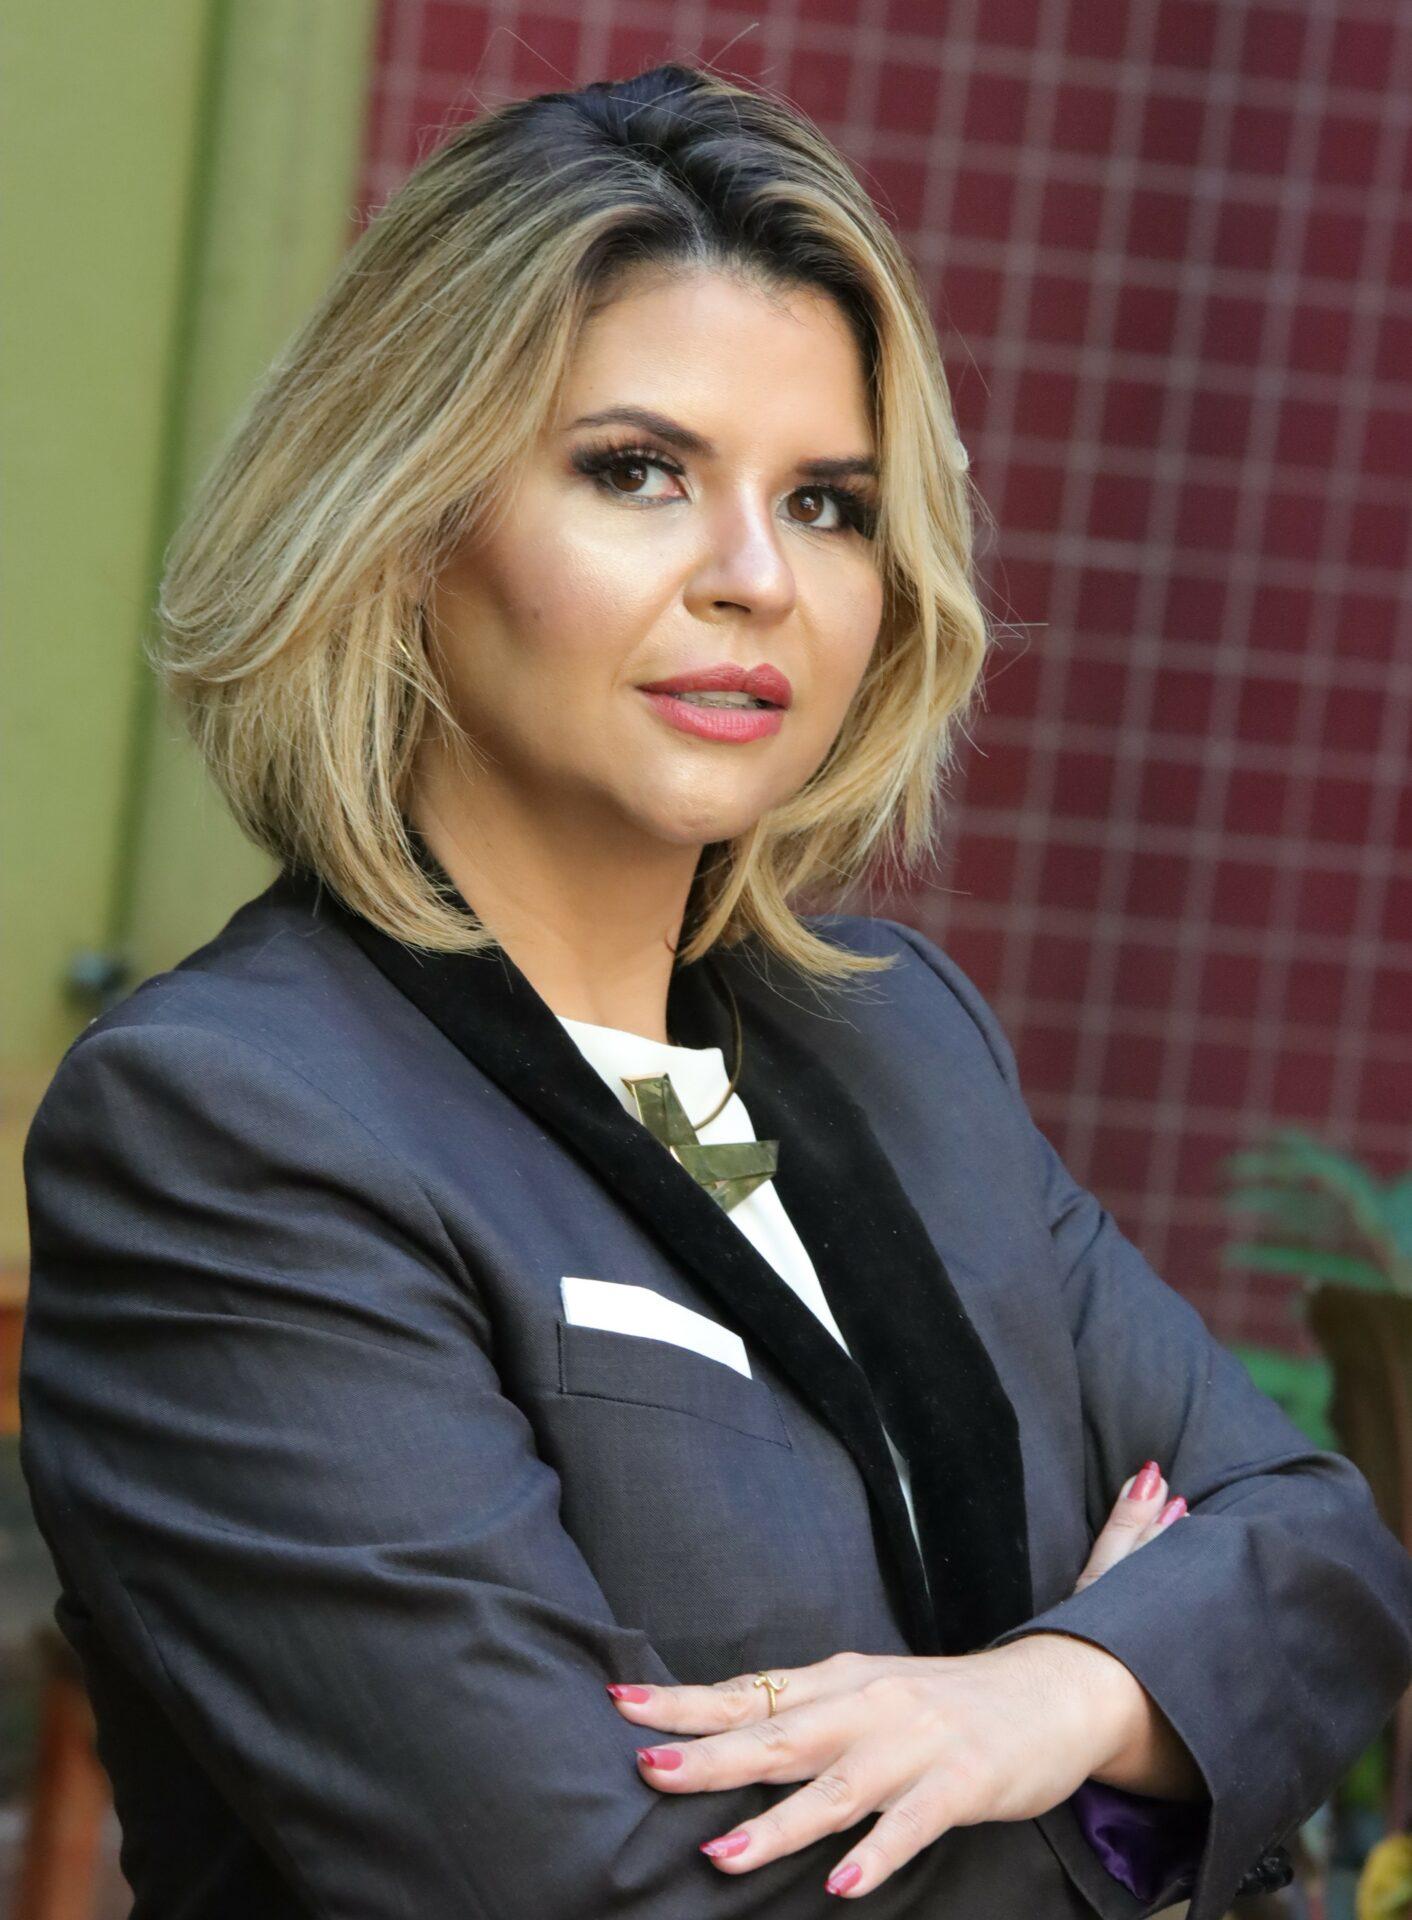 Carolina Alves Luiz Pereira